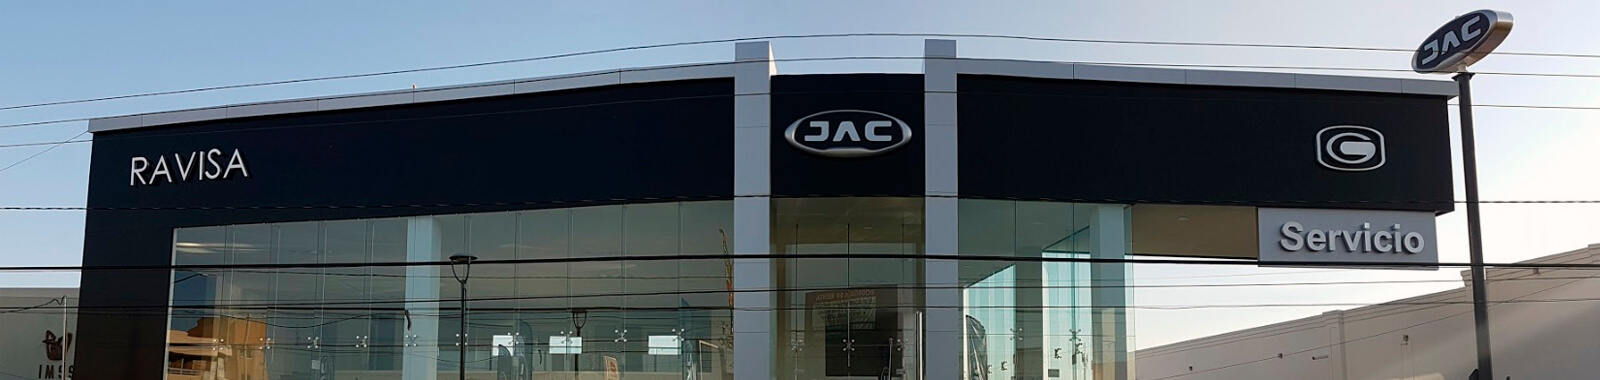 JAC Store León